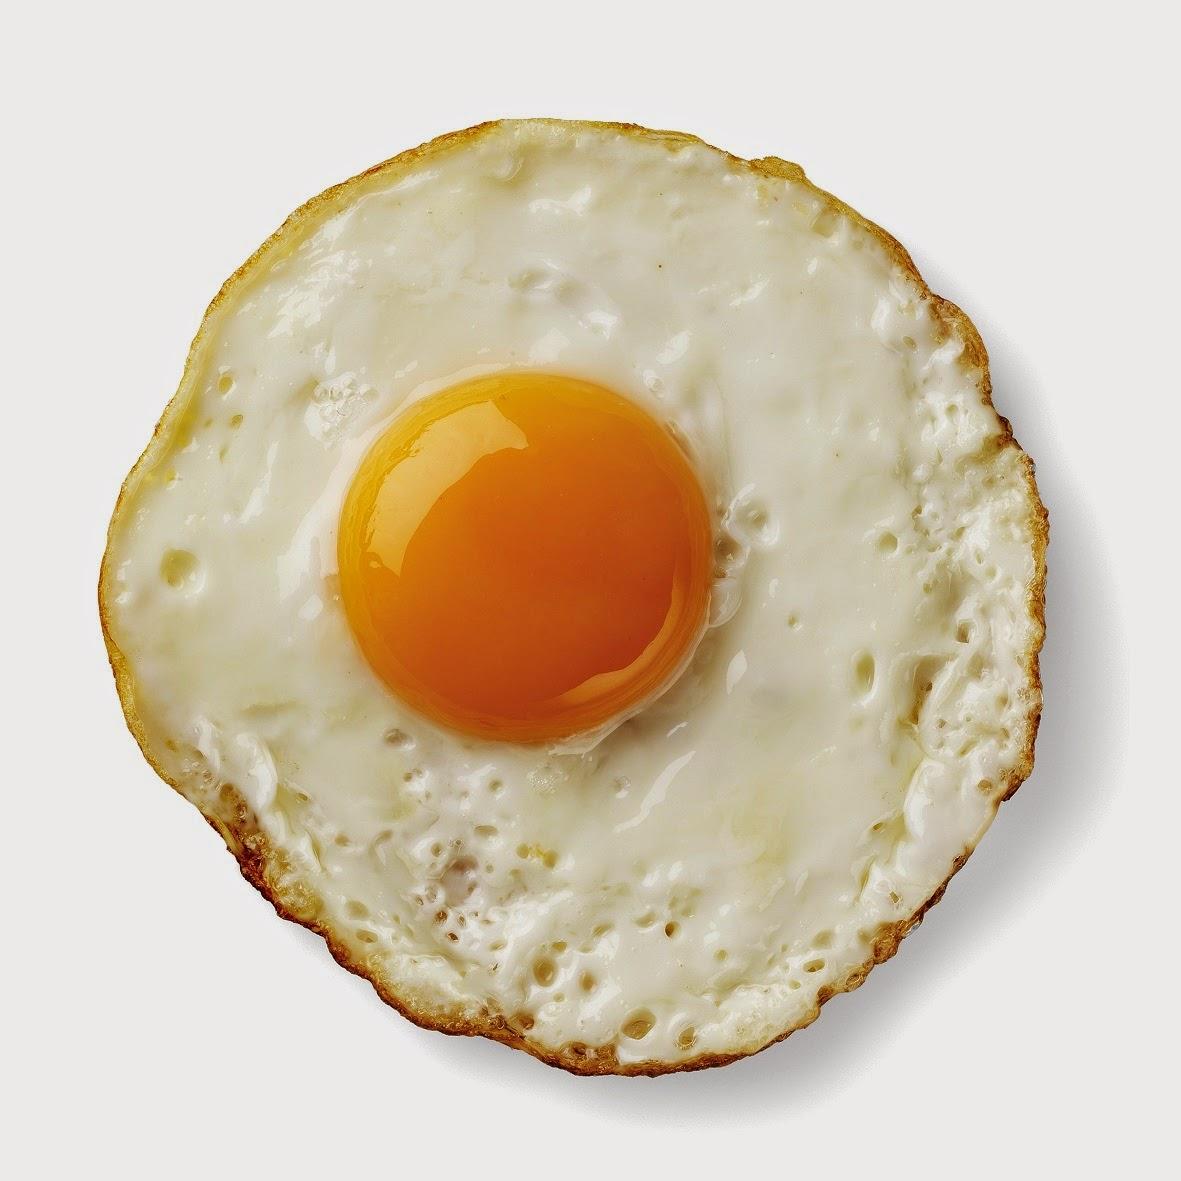 One Egg Image